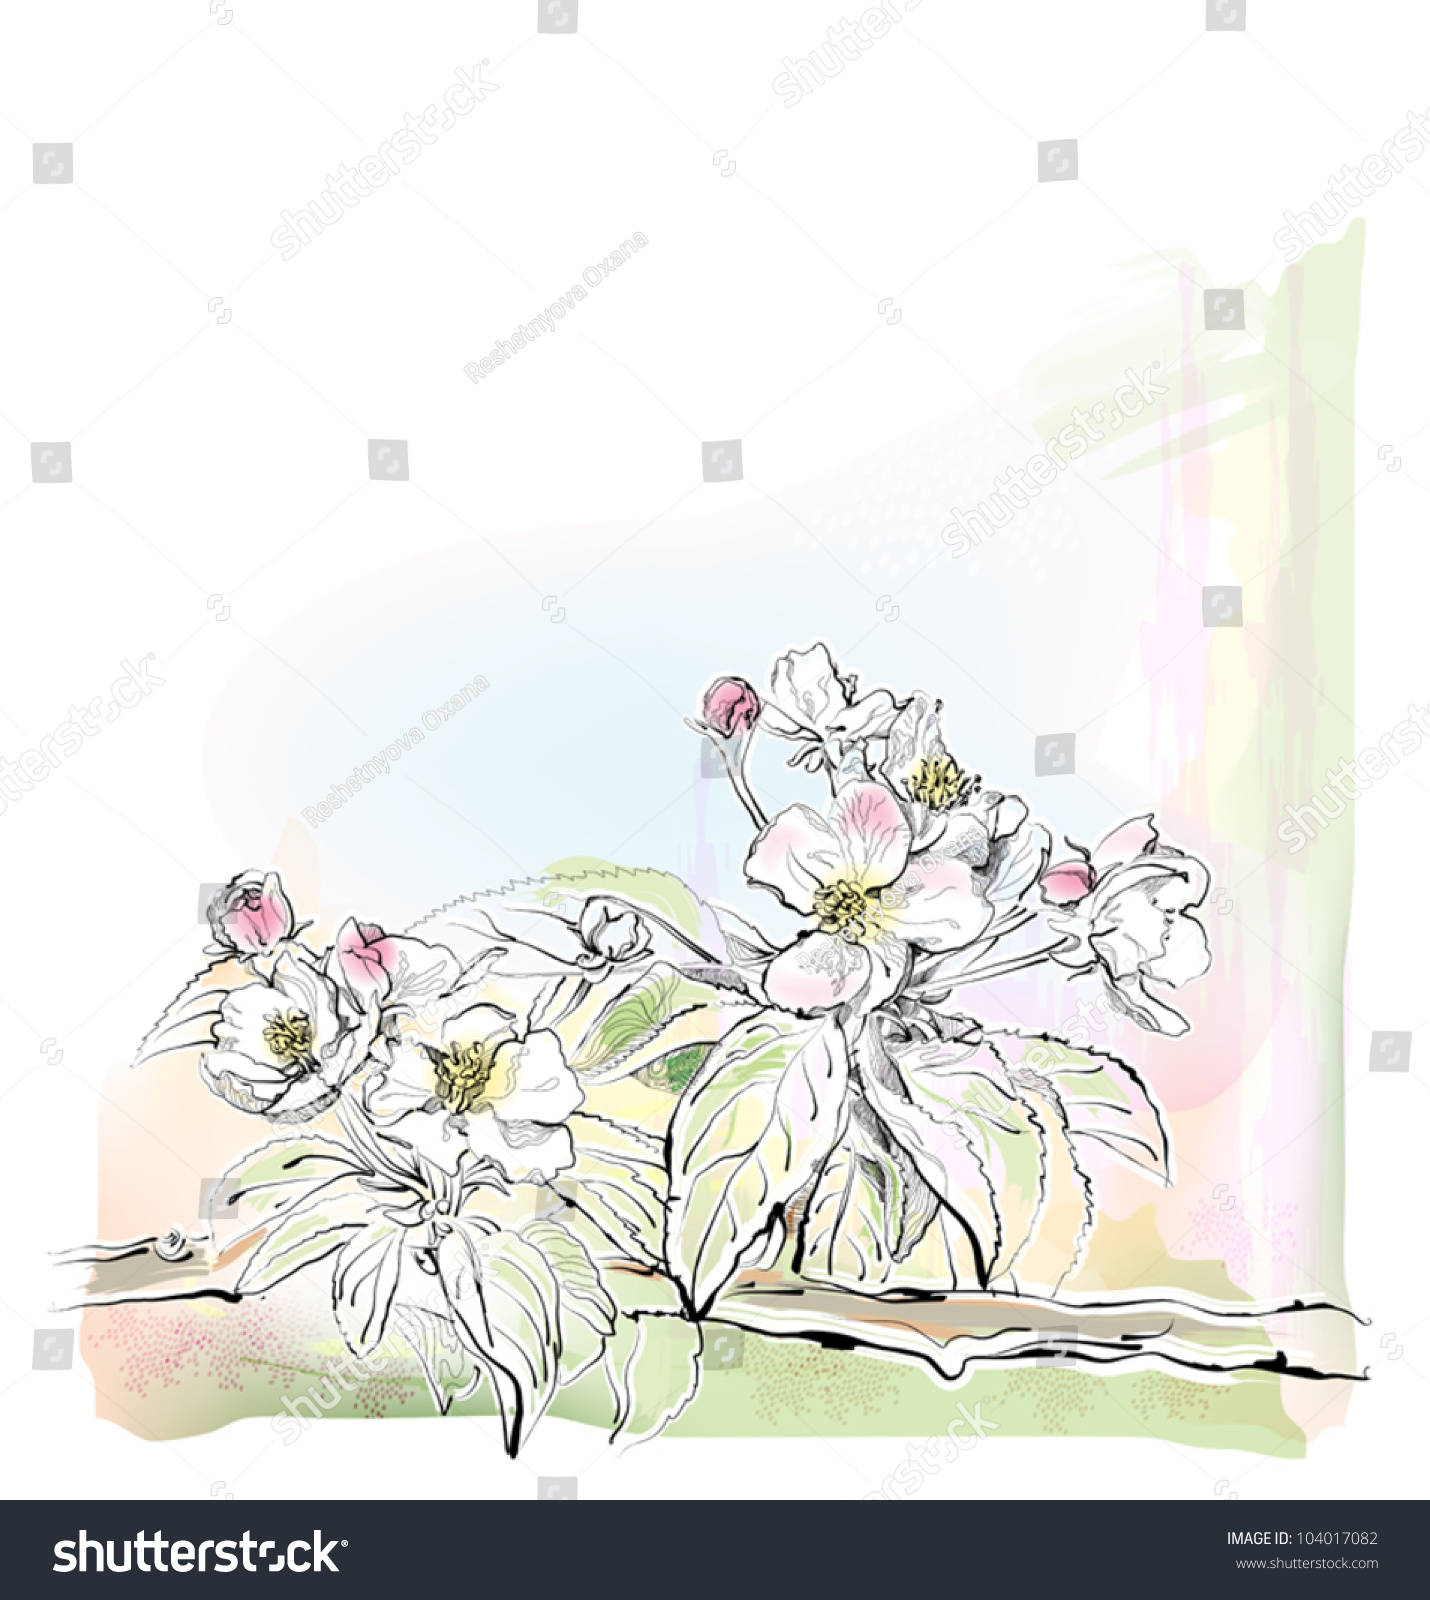 素描的苹果树开花了-自然